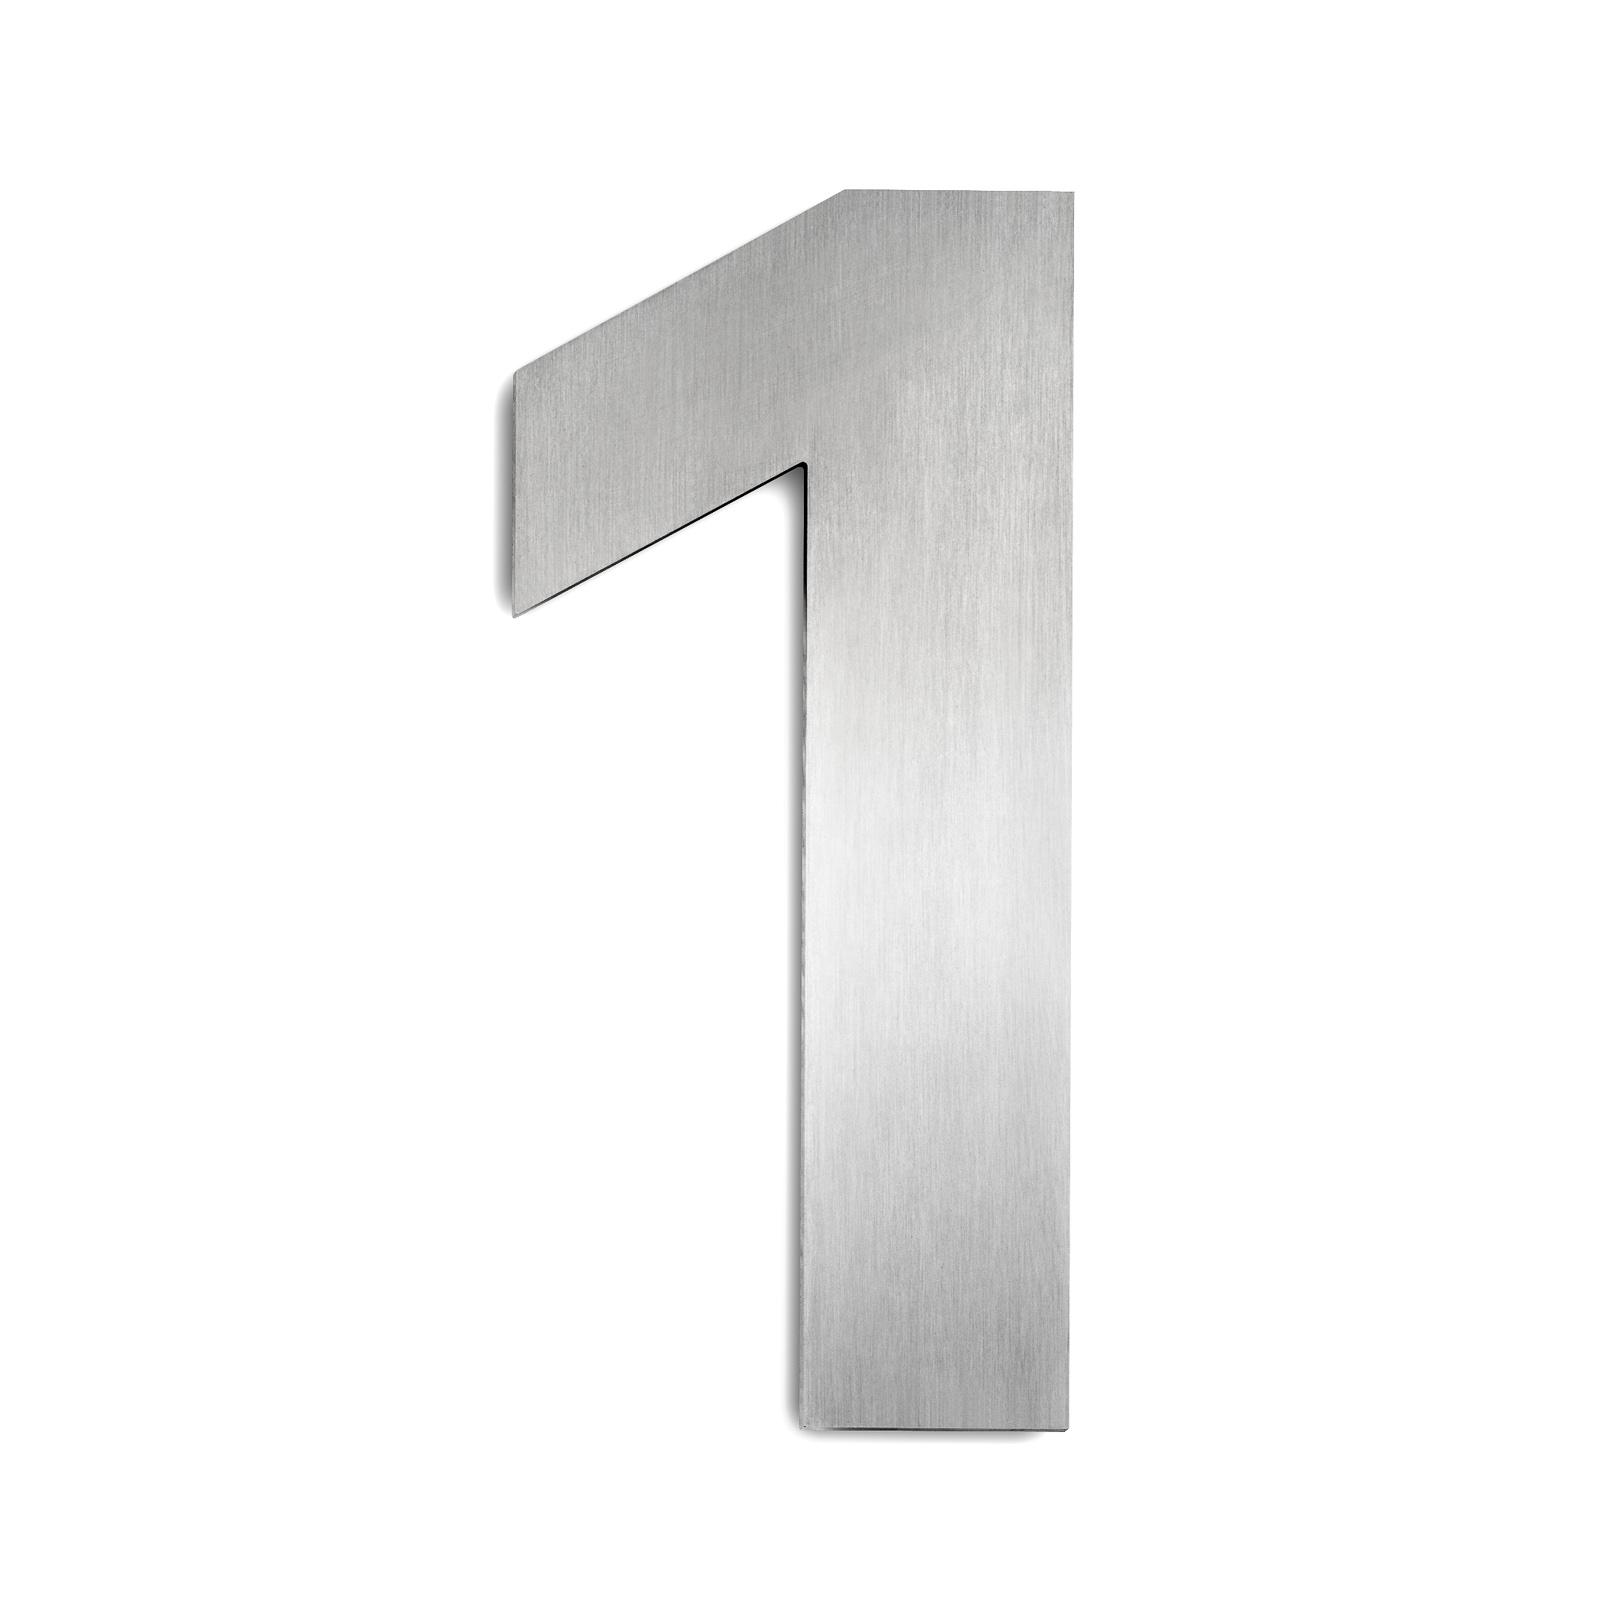 Grands numéros de maison en inox chiffre 1